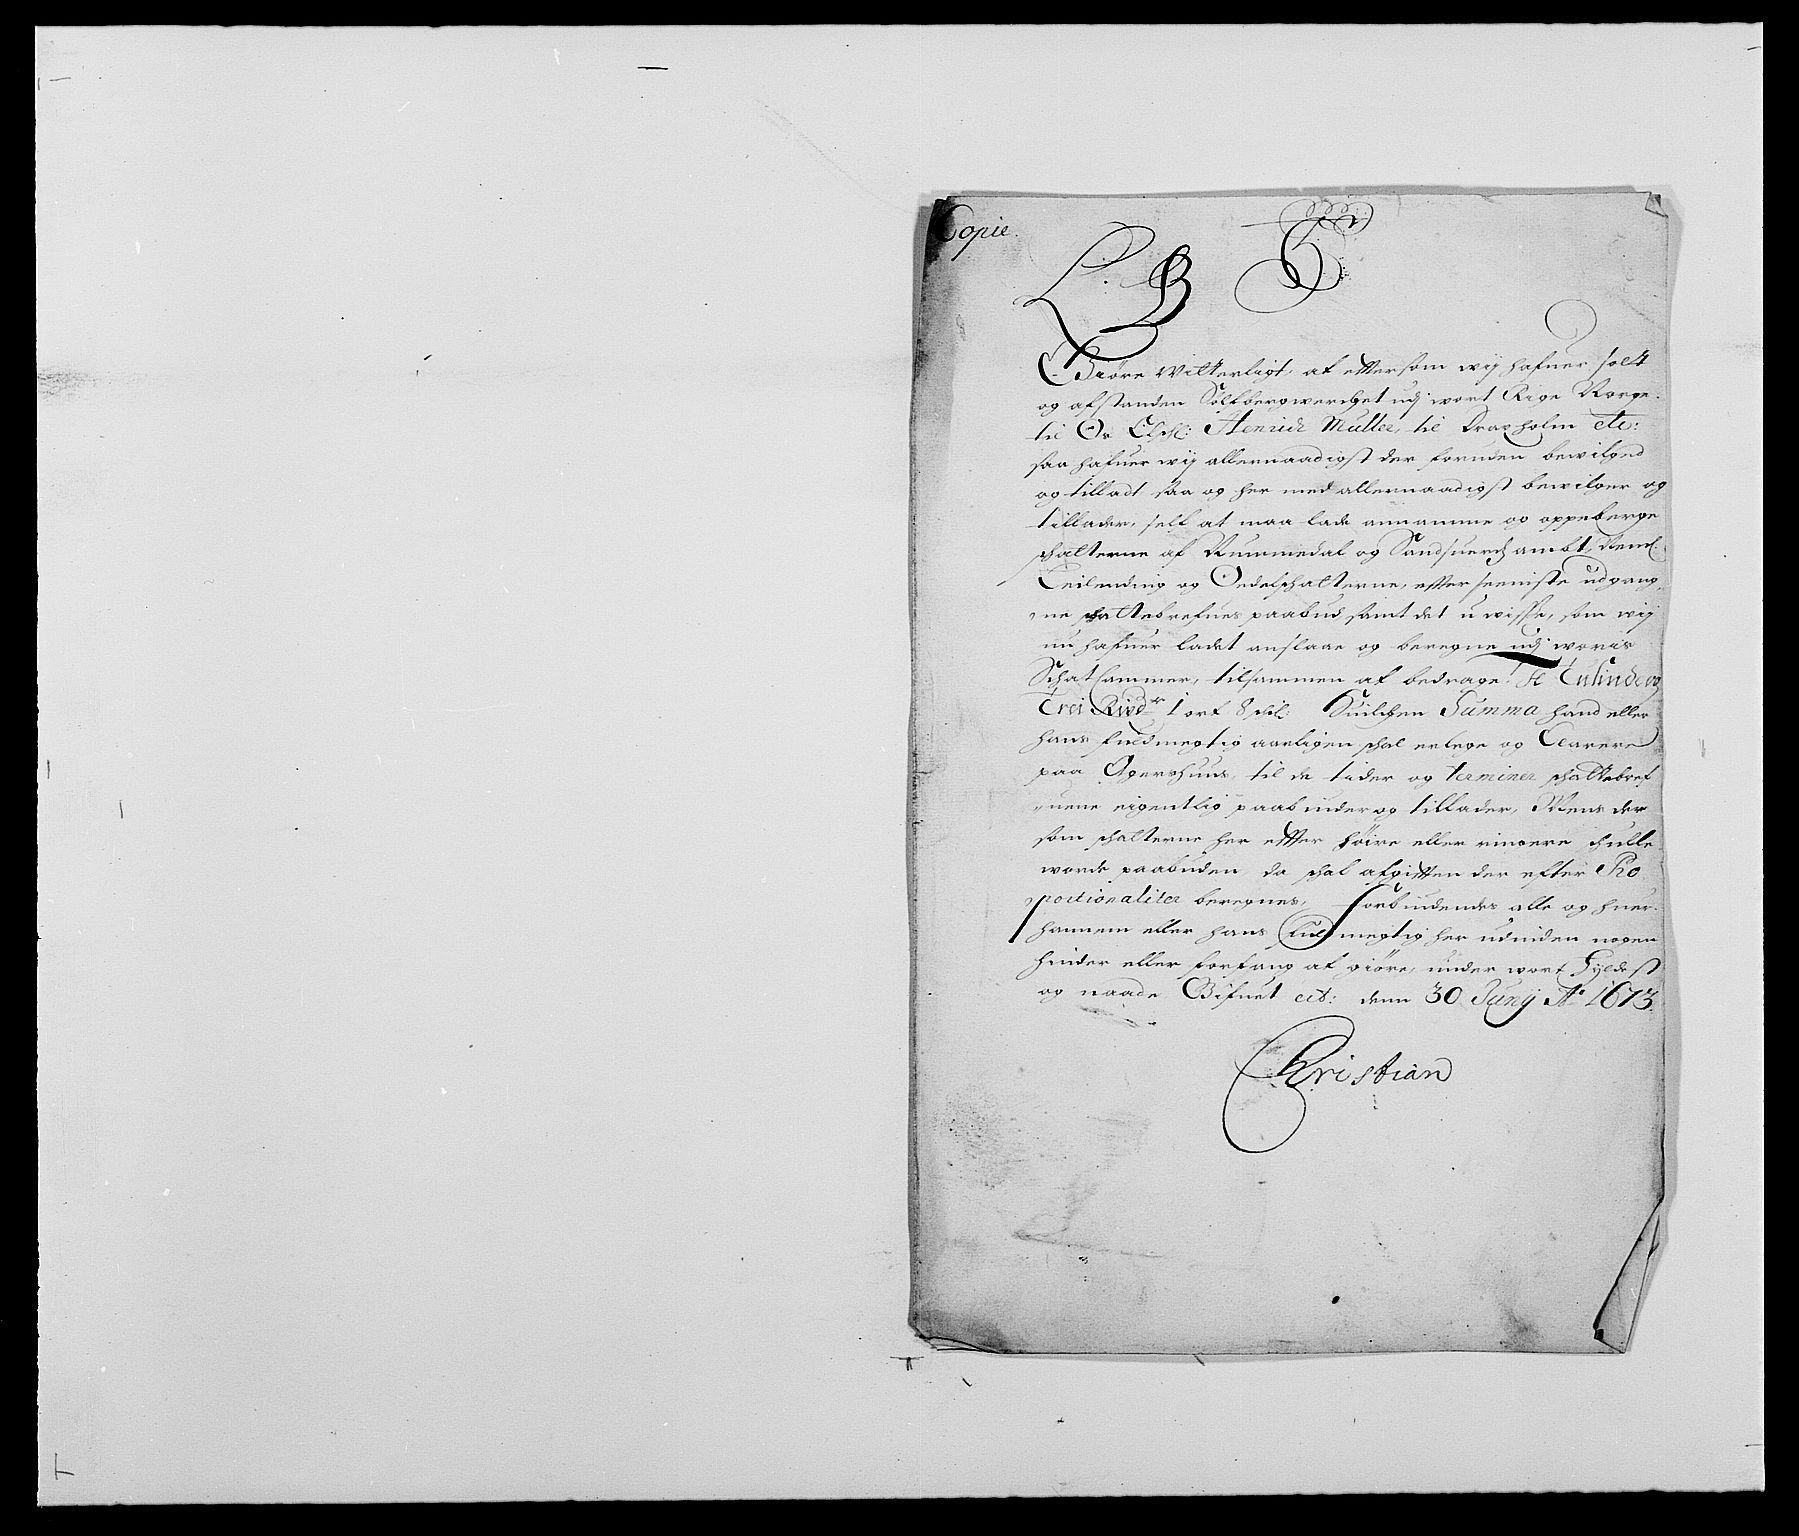 RA, Rentekammeret inntil 1814, Reviderte regnskaper, Fogderegnskap, R24/L1569: Fogderegnskap Numedal og Sandsvær, 1679-1686, s. 95